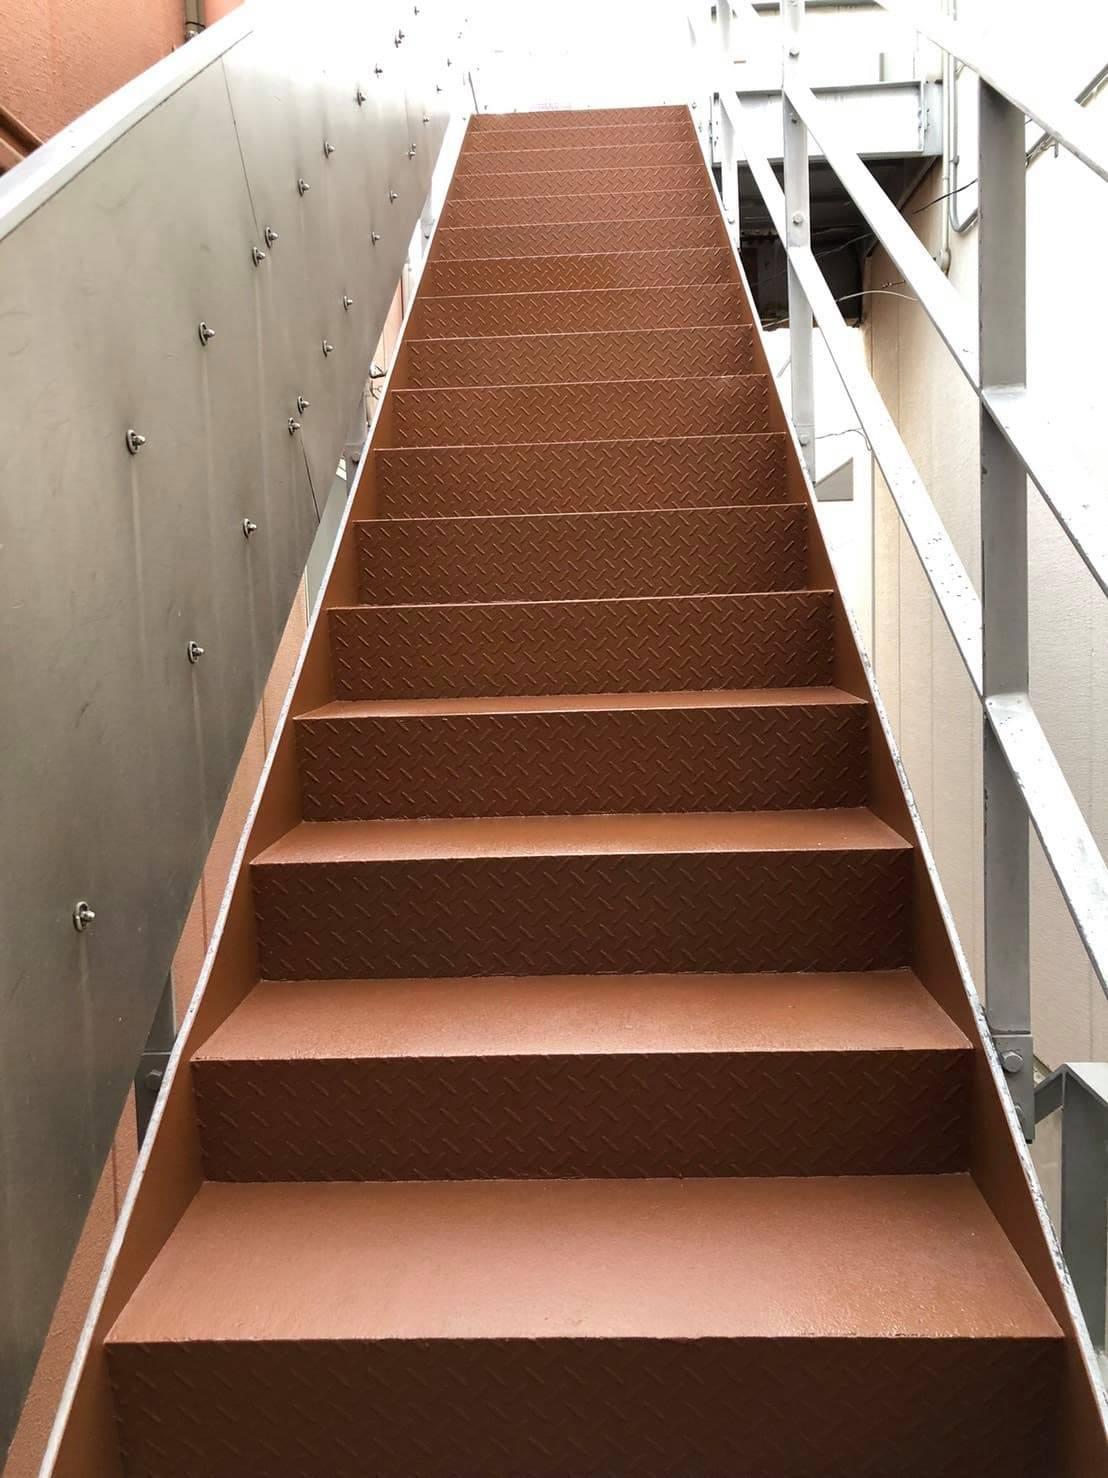 川崎市店舗階段ポリウレアRHライニング工法